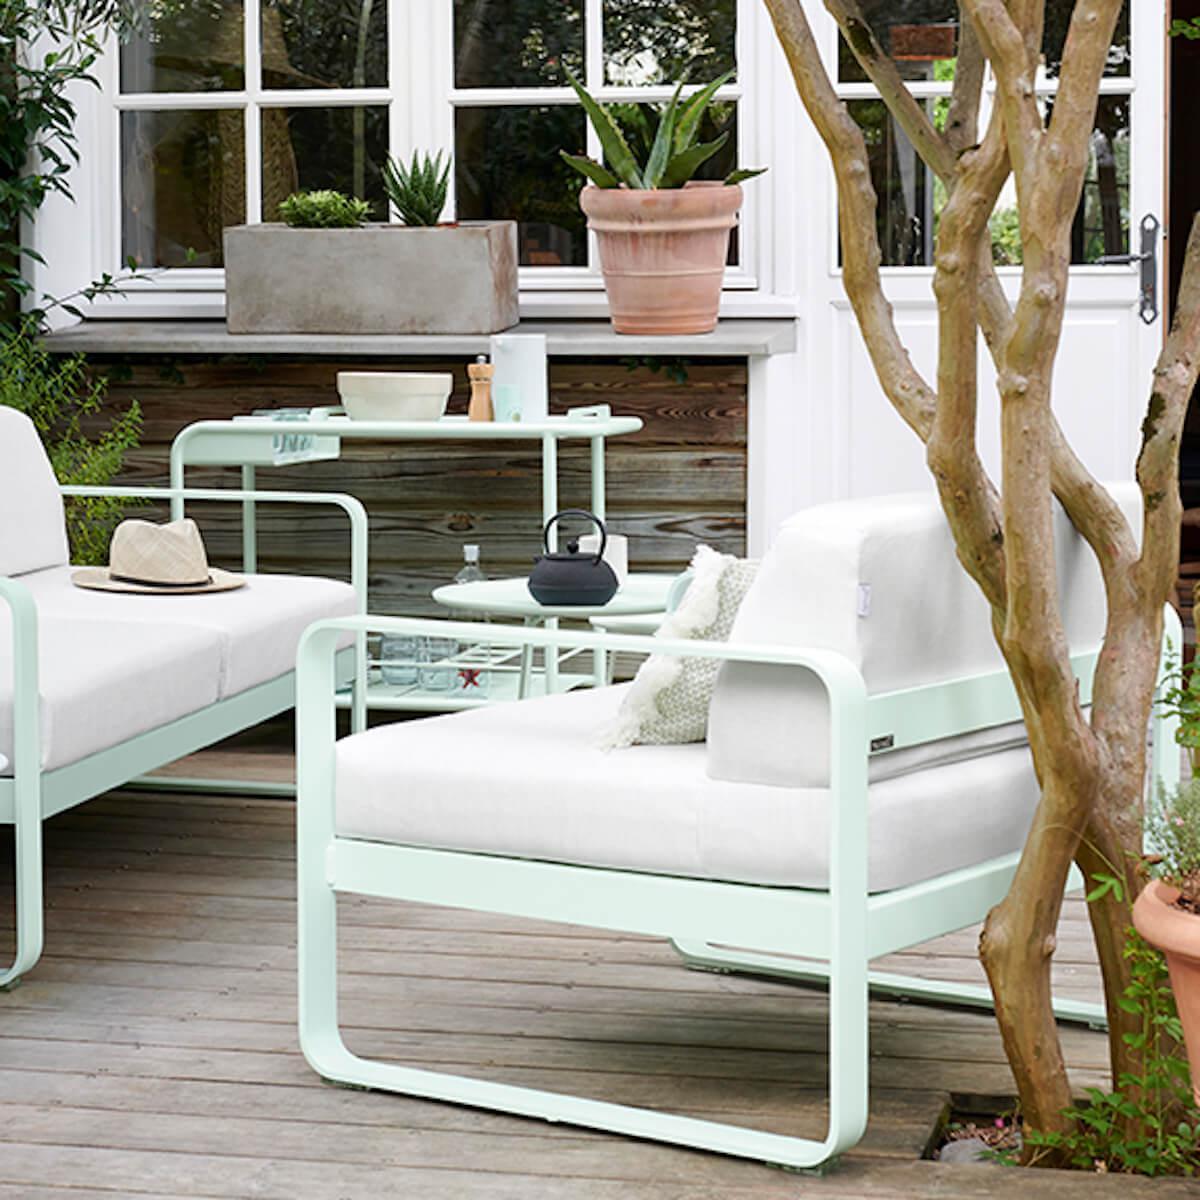 Fauteuil de jardin BELLEVIE Fermob réglisse-blanc grisé